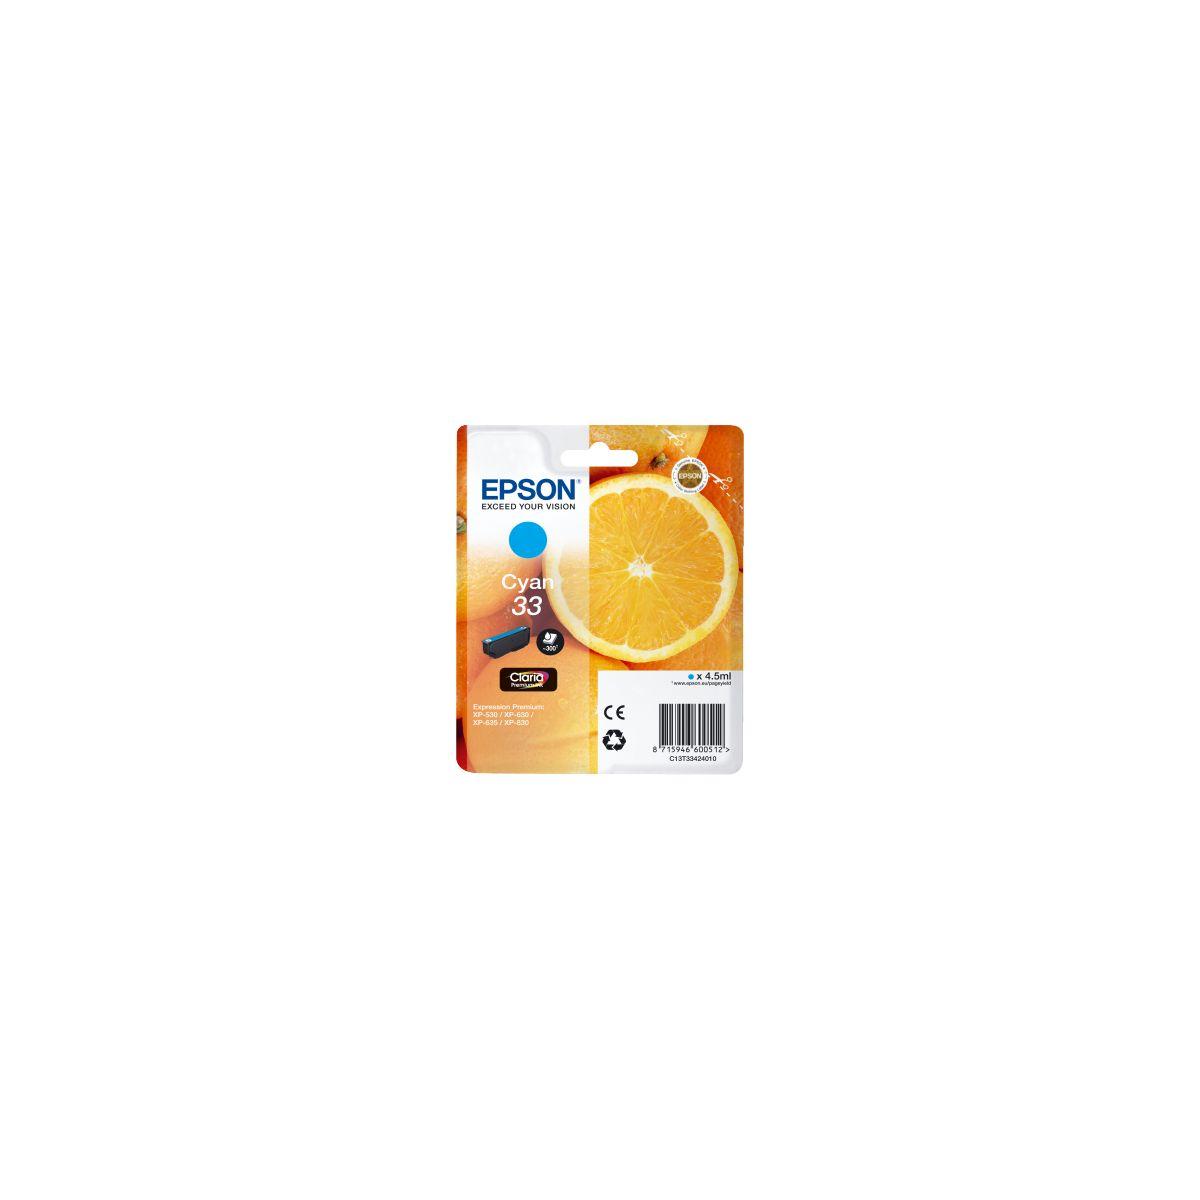 Cartouche d'encre epson t3342 cyan premium s�rie orange